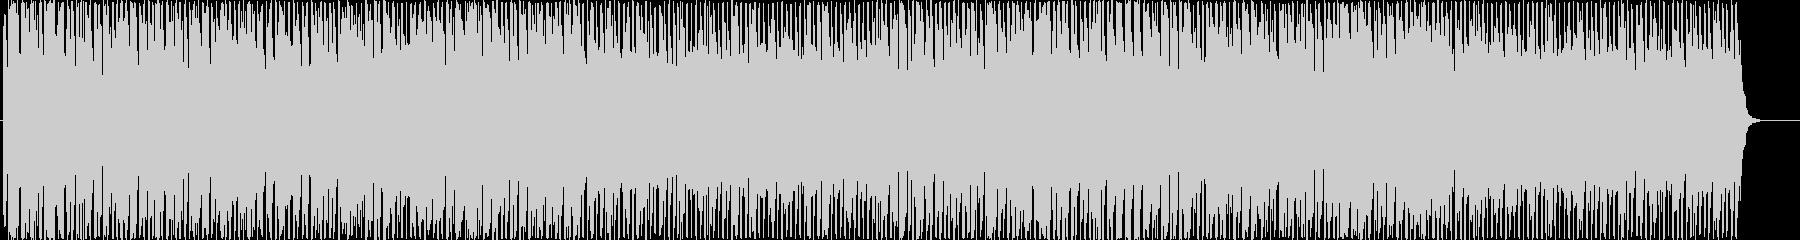 テーマパーク感あるシンセリード曲の未再生の波形